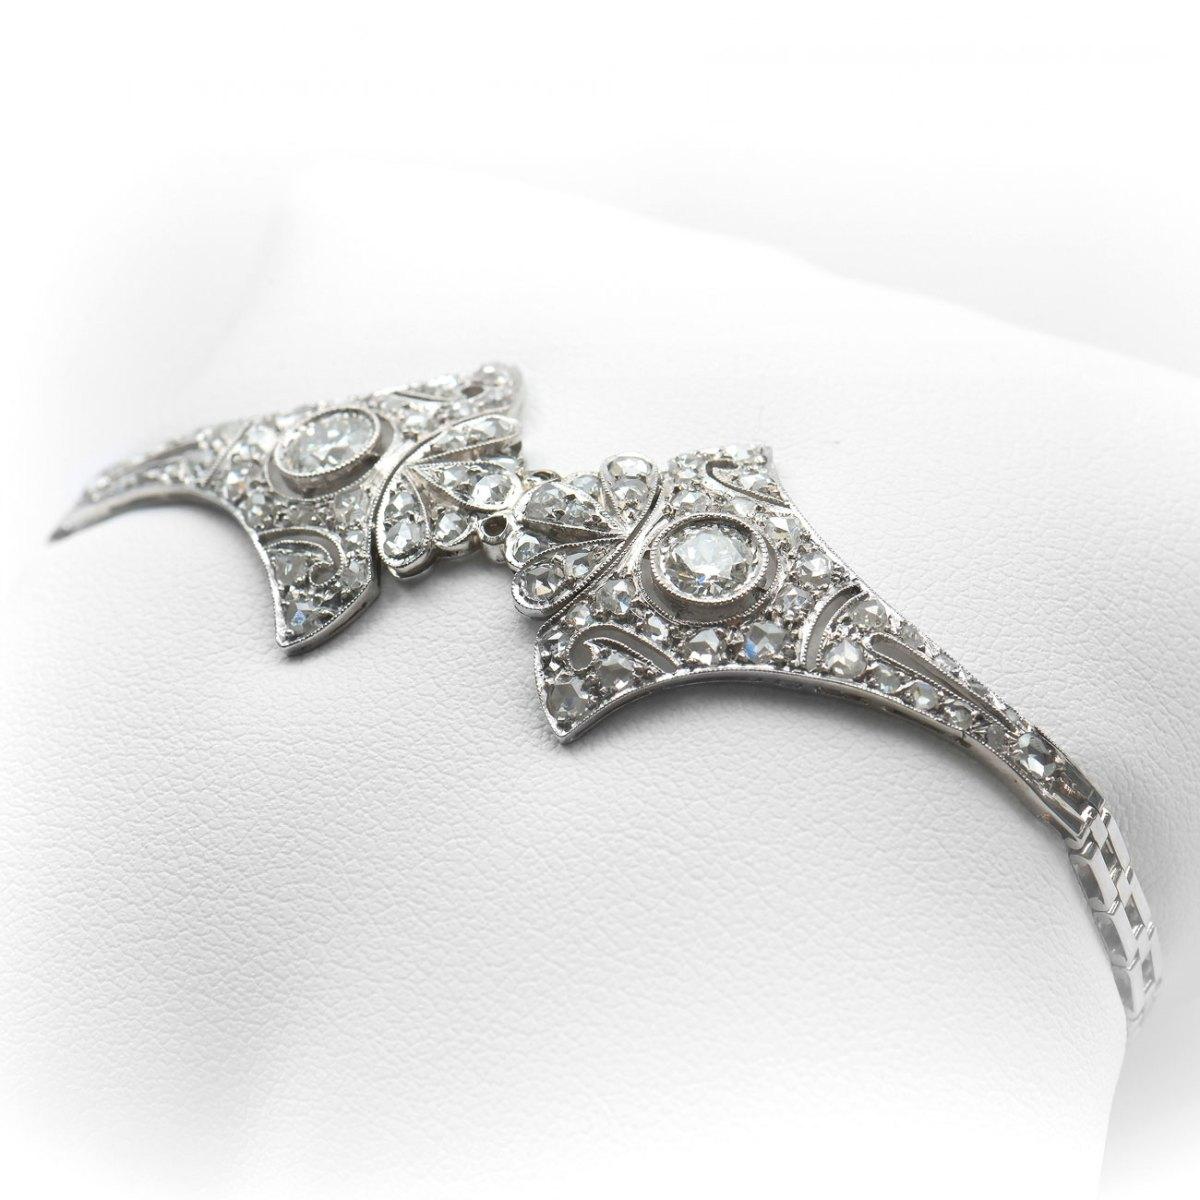 Bracelet Art Déco, or blanc 750‰ et diamants 1,50ct | Réf. BR-B18934 |EVENOR Joaillerie • Bijoux neufs • Bijoux Vintage • Bijoux d'occasion